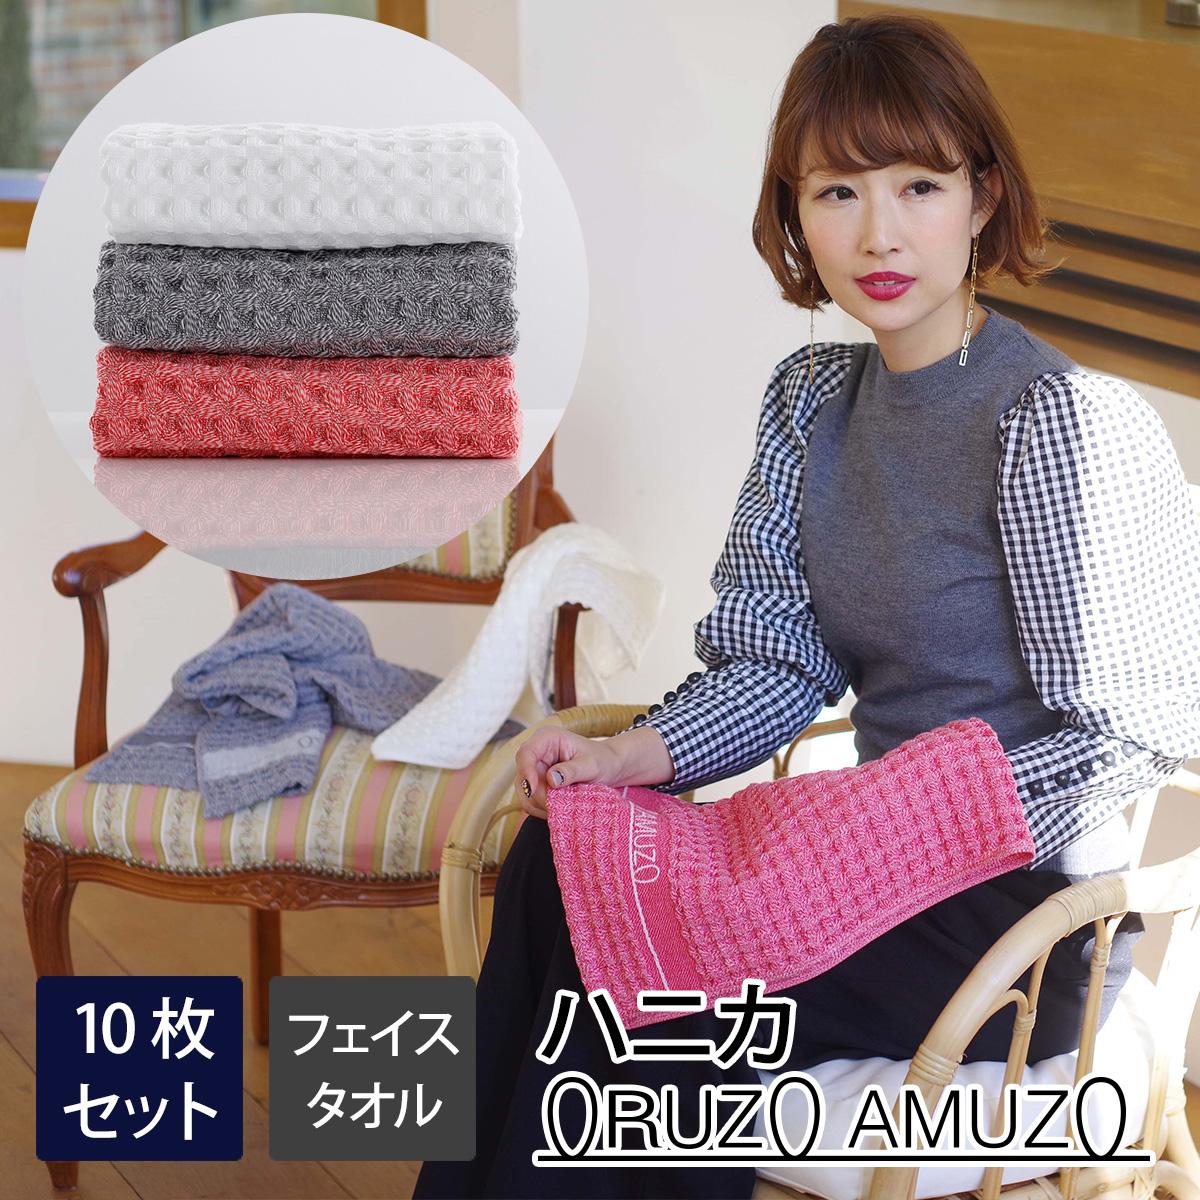 ハニカ フェイスタオル10枚セット ワッフルタオル 選べる3色(ホワイト グレー レッド) 送料無料 オルゾアムゾ(ORUZOAMUZO)